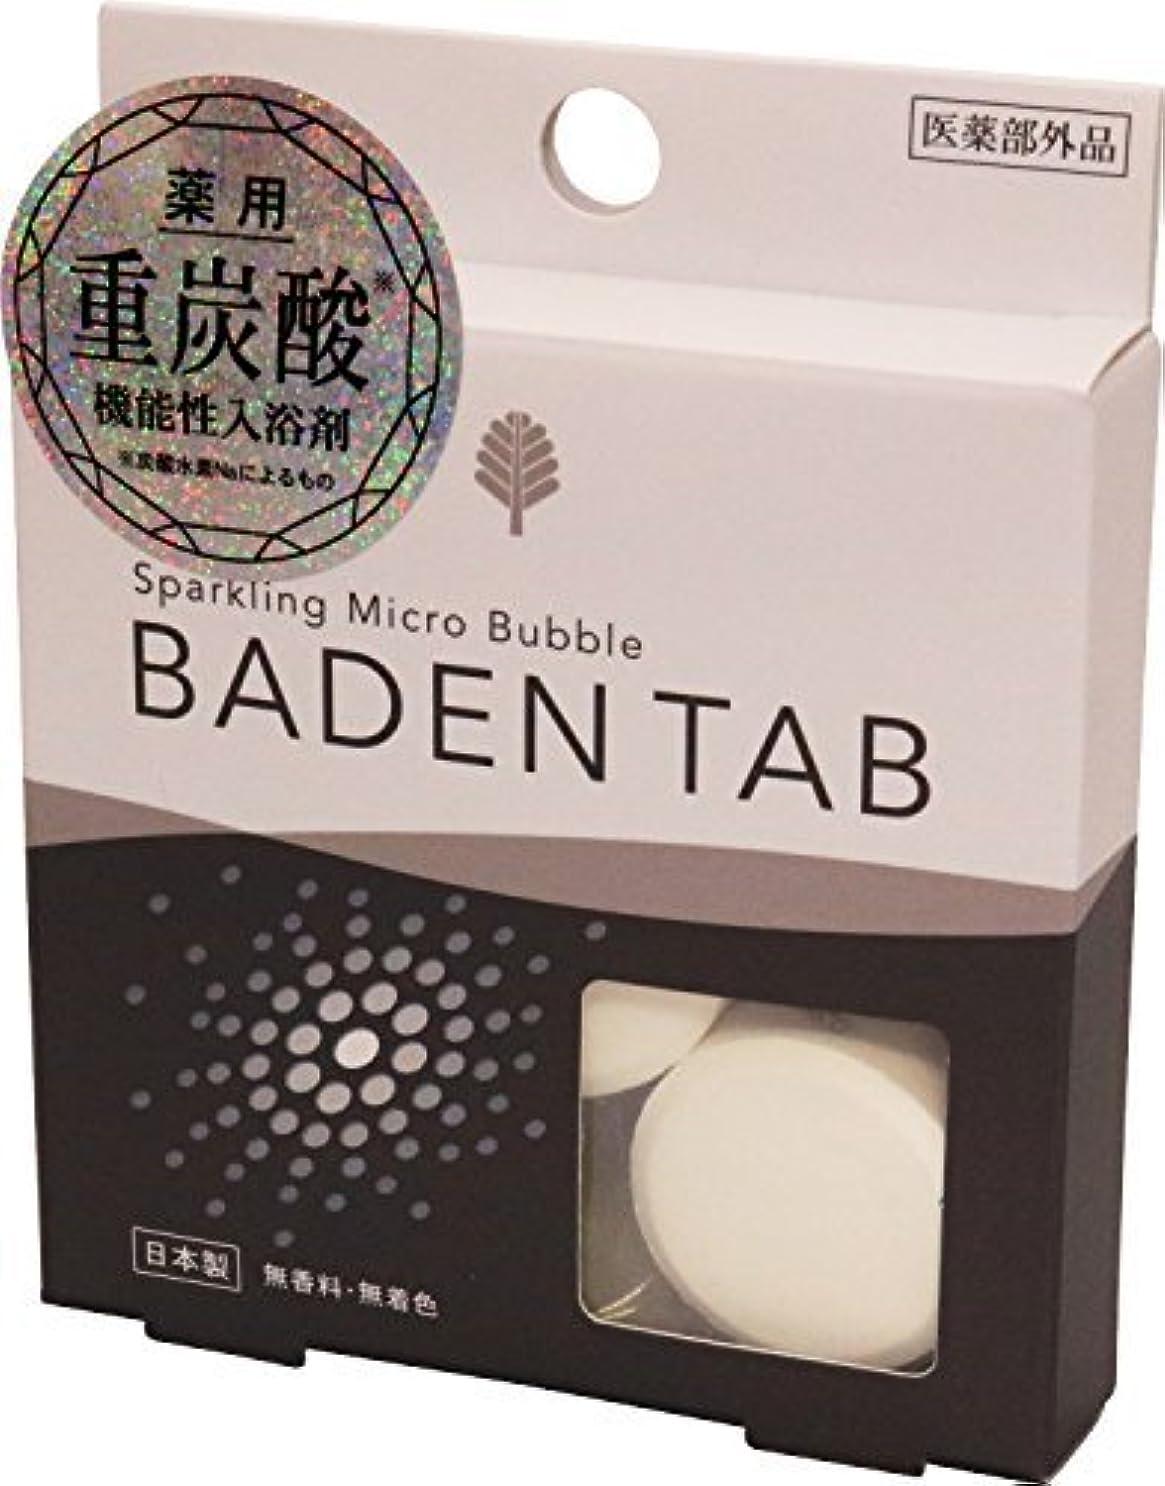 補正者上下する日本製 made in japan 薬用BadenTab5錠1パック15gx5錠入 BT-8755 【まとめ買い12個セット】